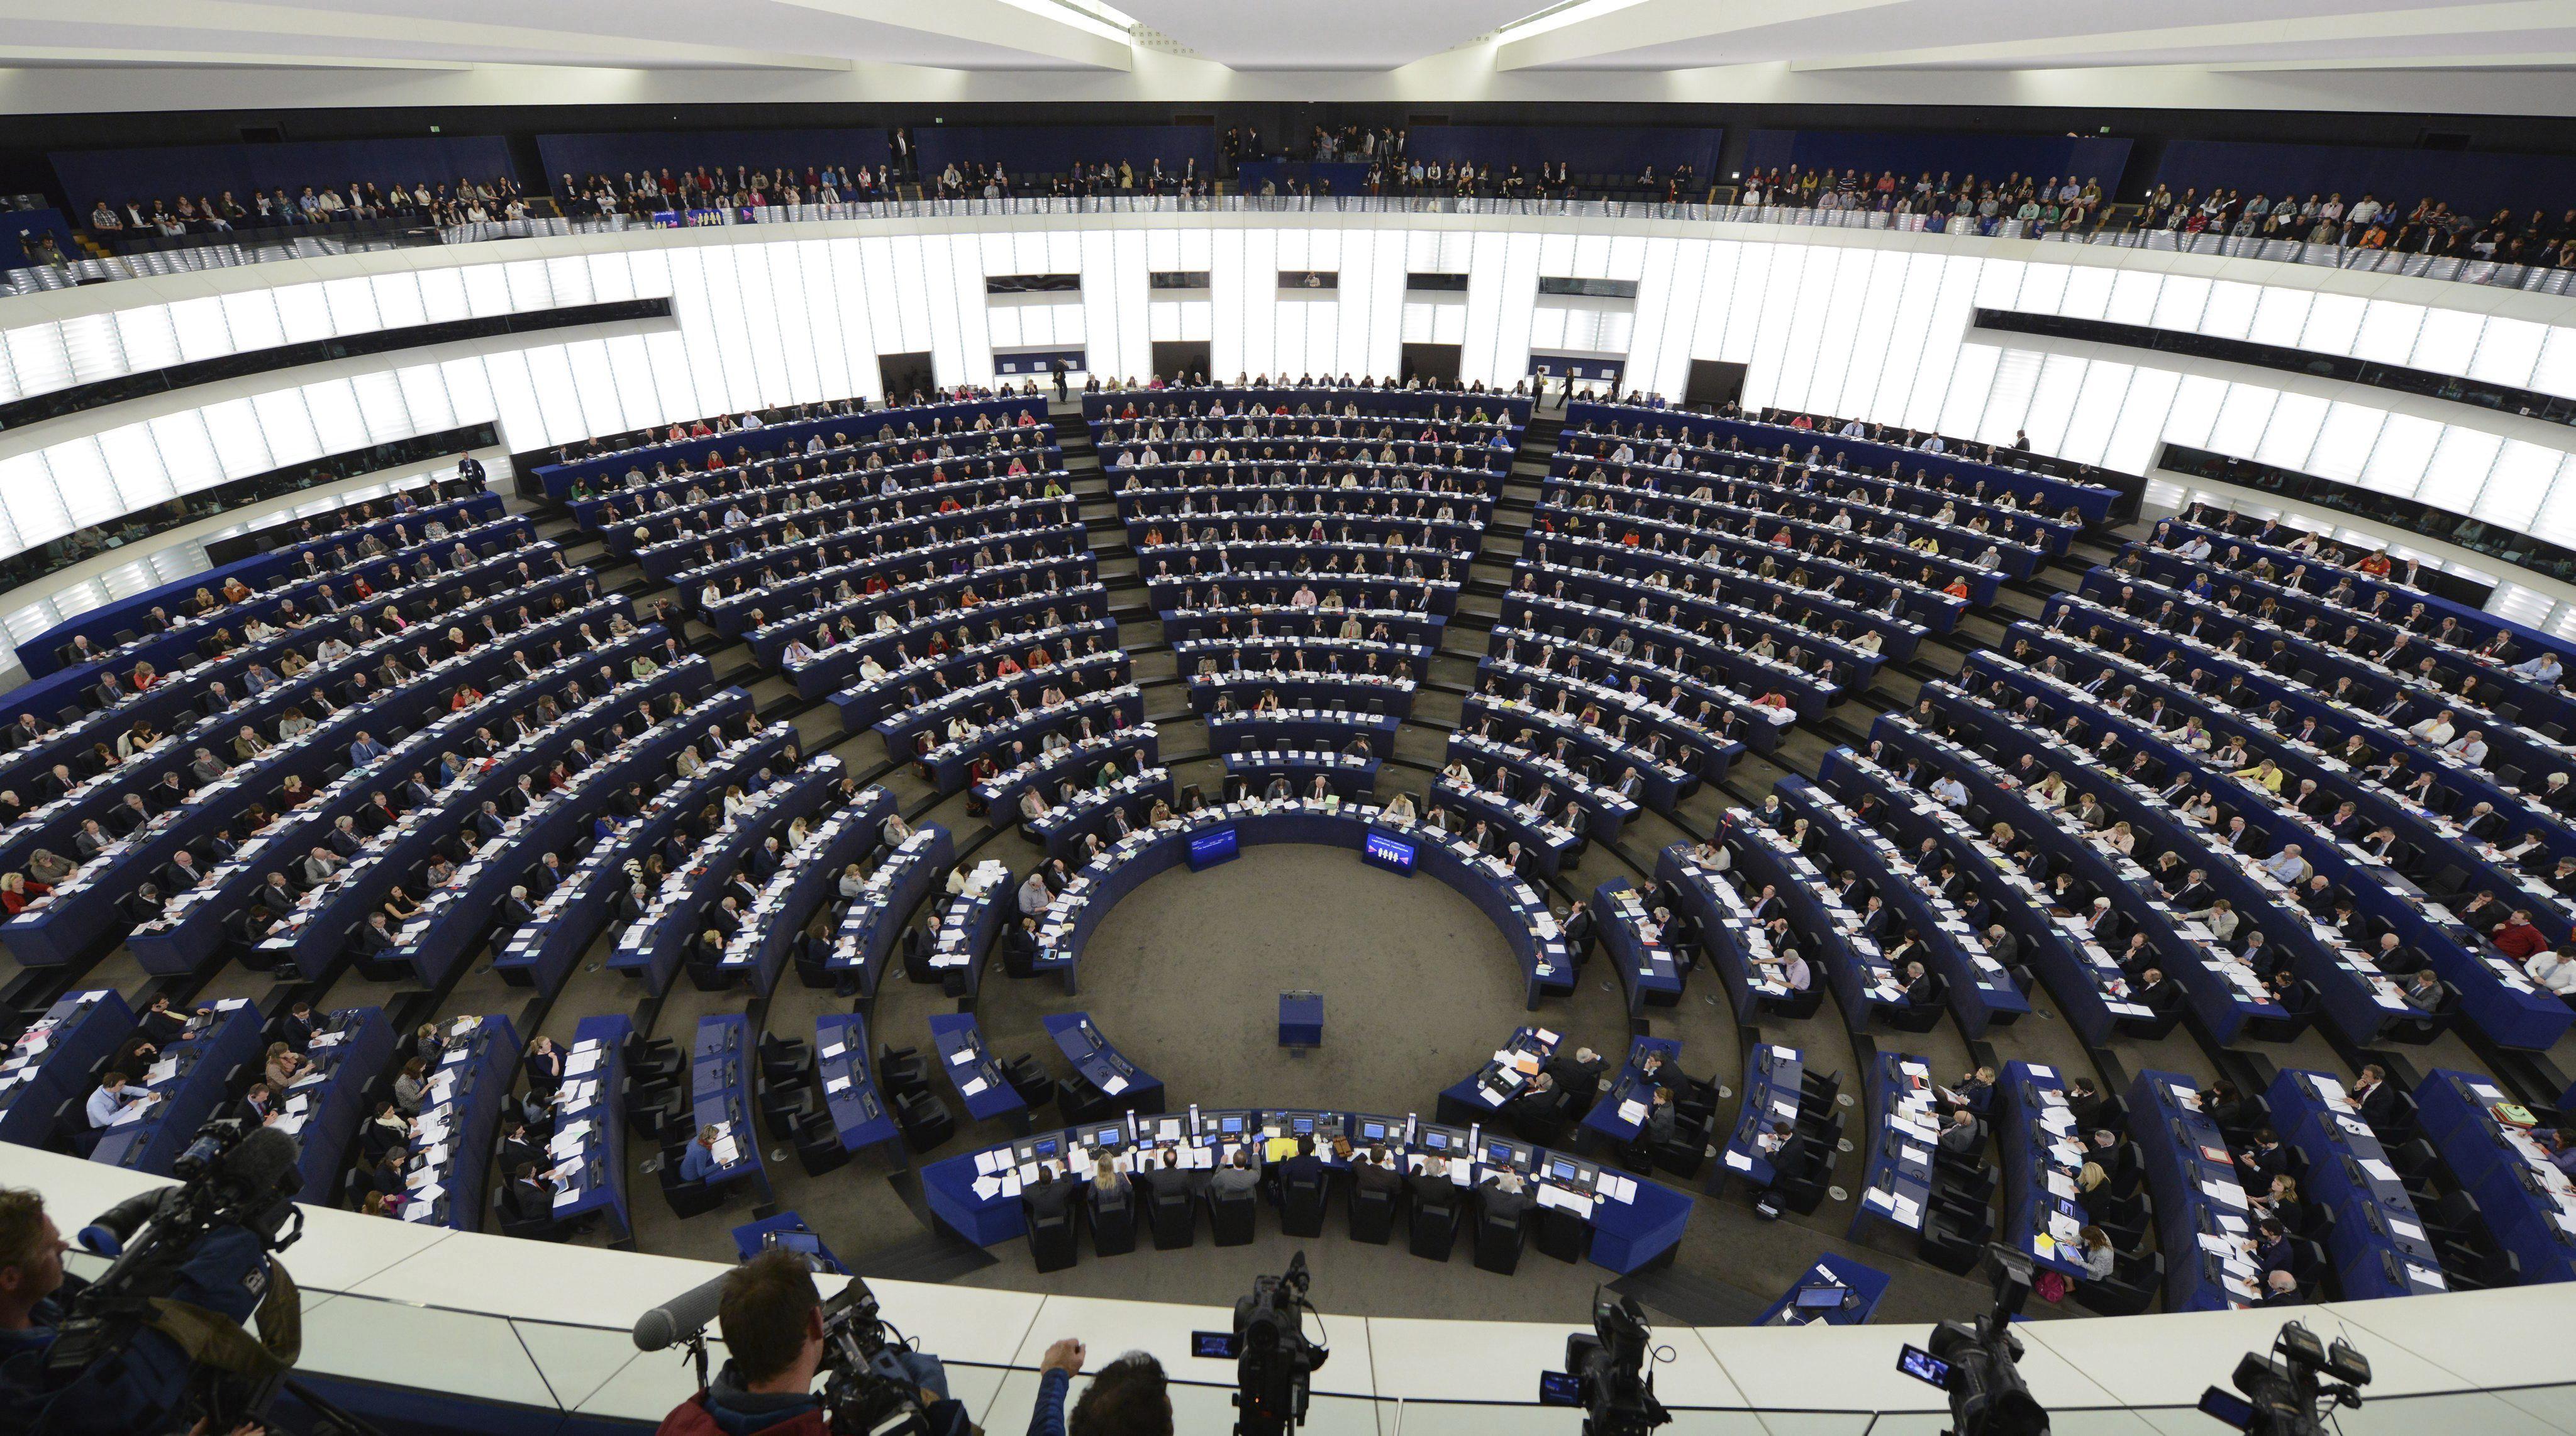 Preguntas frecuentes sobre las elecciones al Parlamento Europeo